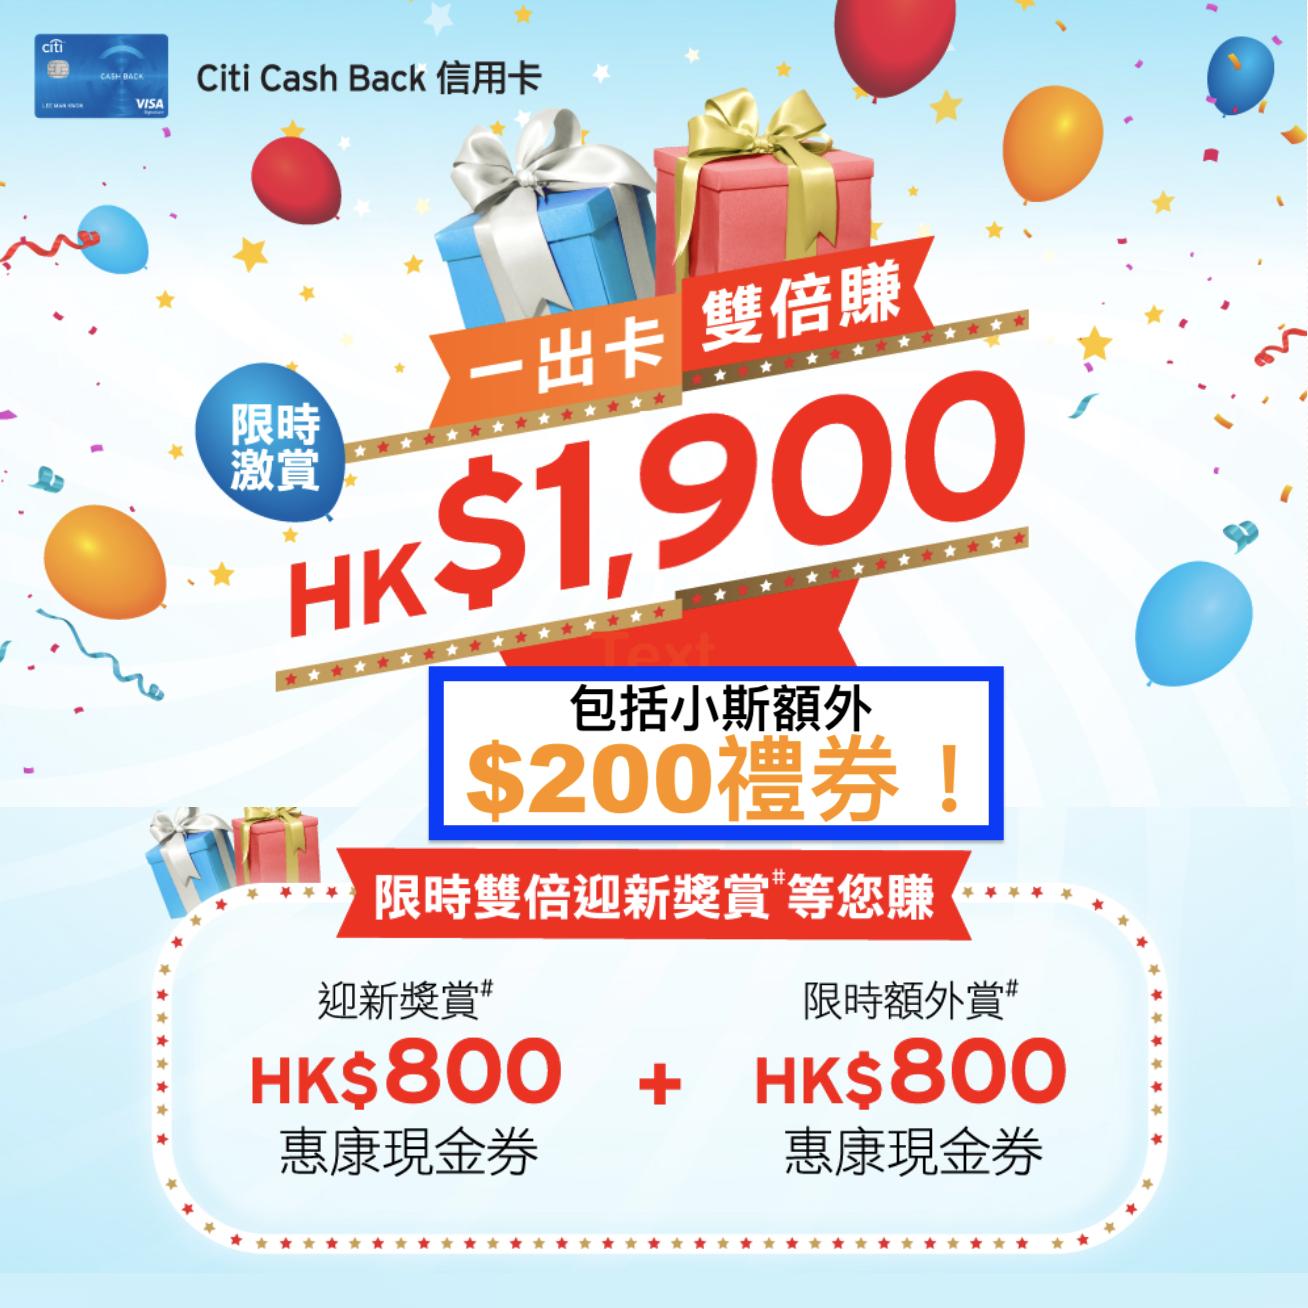 (新客經小斯申請再有多$200) 激抵限時雙倍迎新!直頭送錢俾你洗!12月31日或之前申請Citi Cash Back Visa 卡0成本賺$1,900!